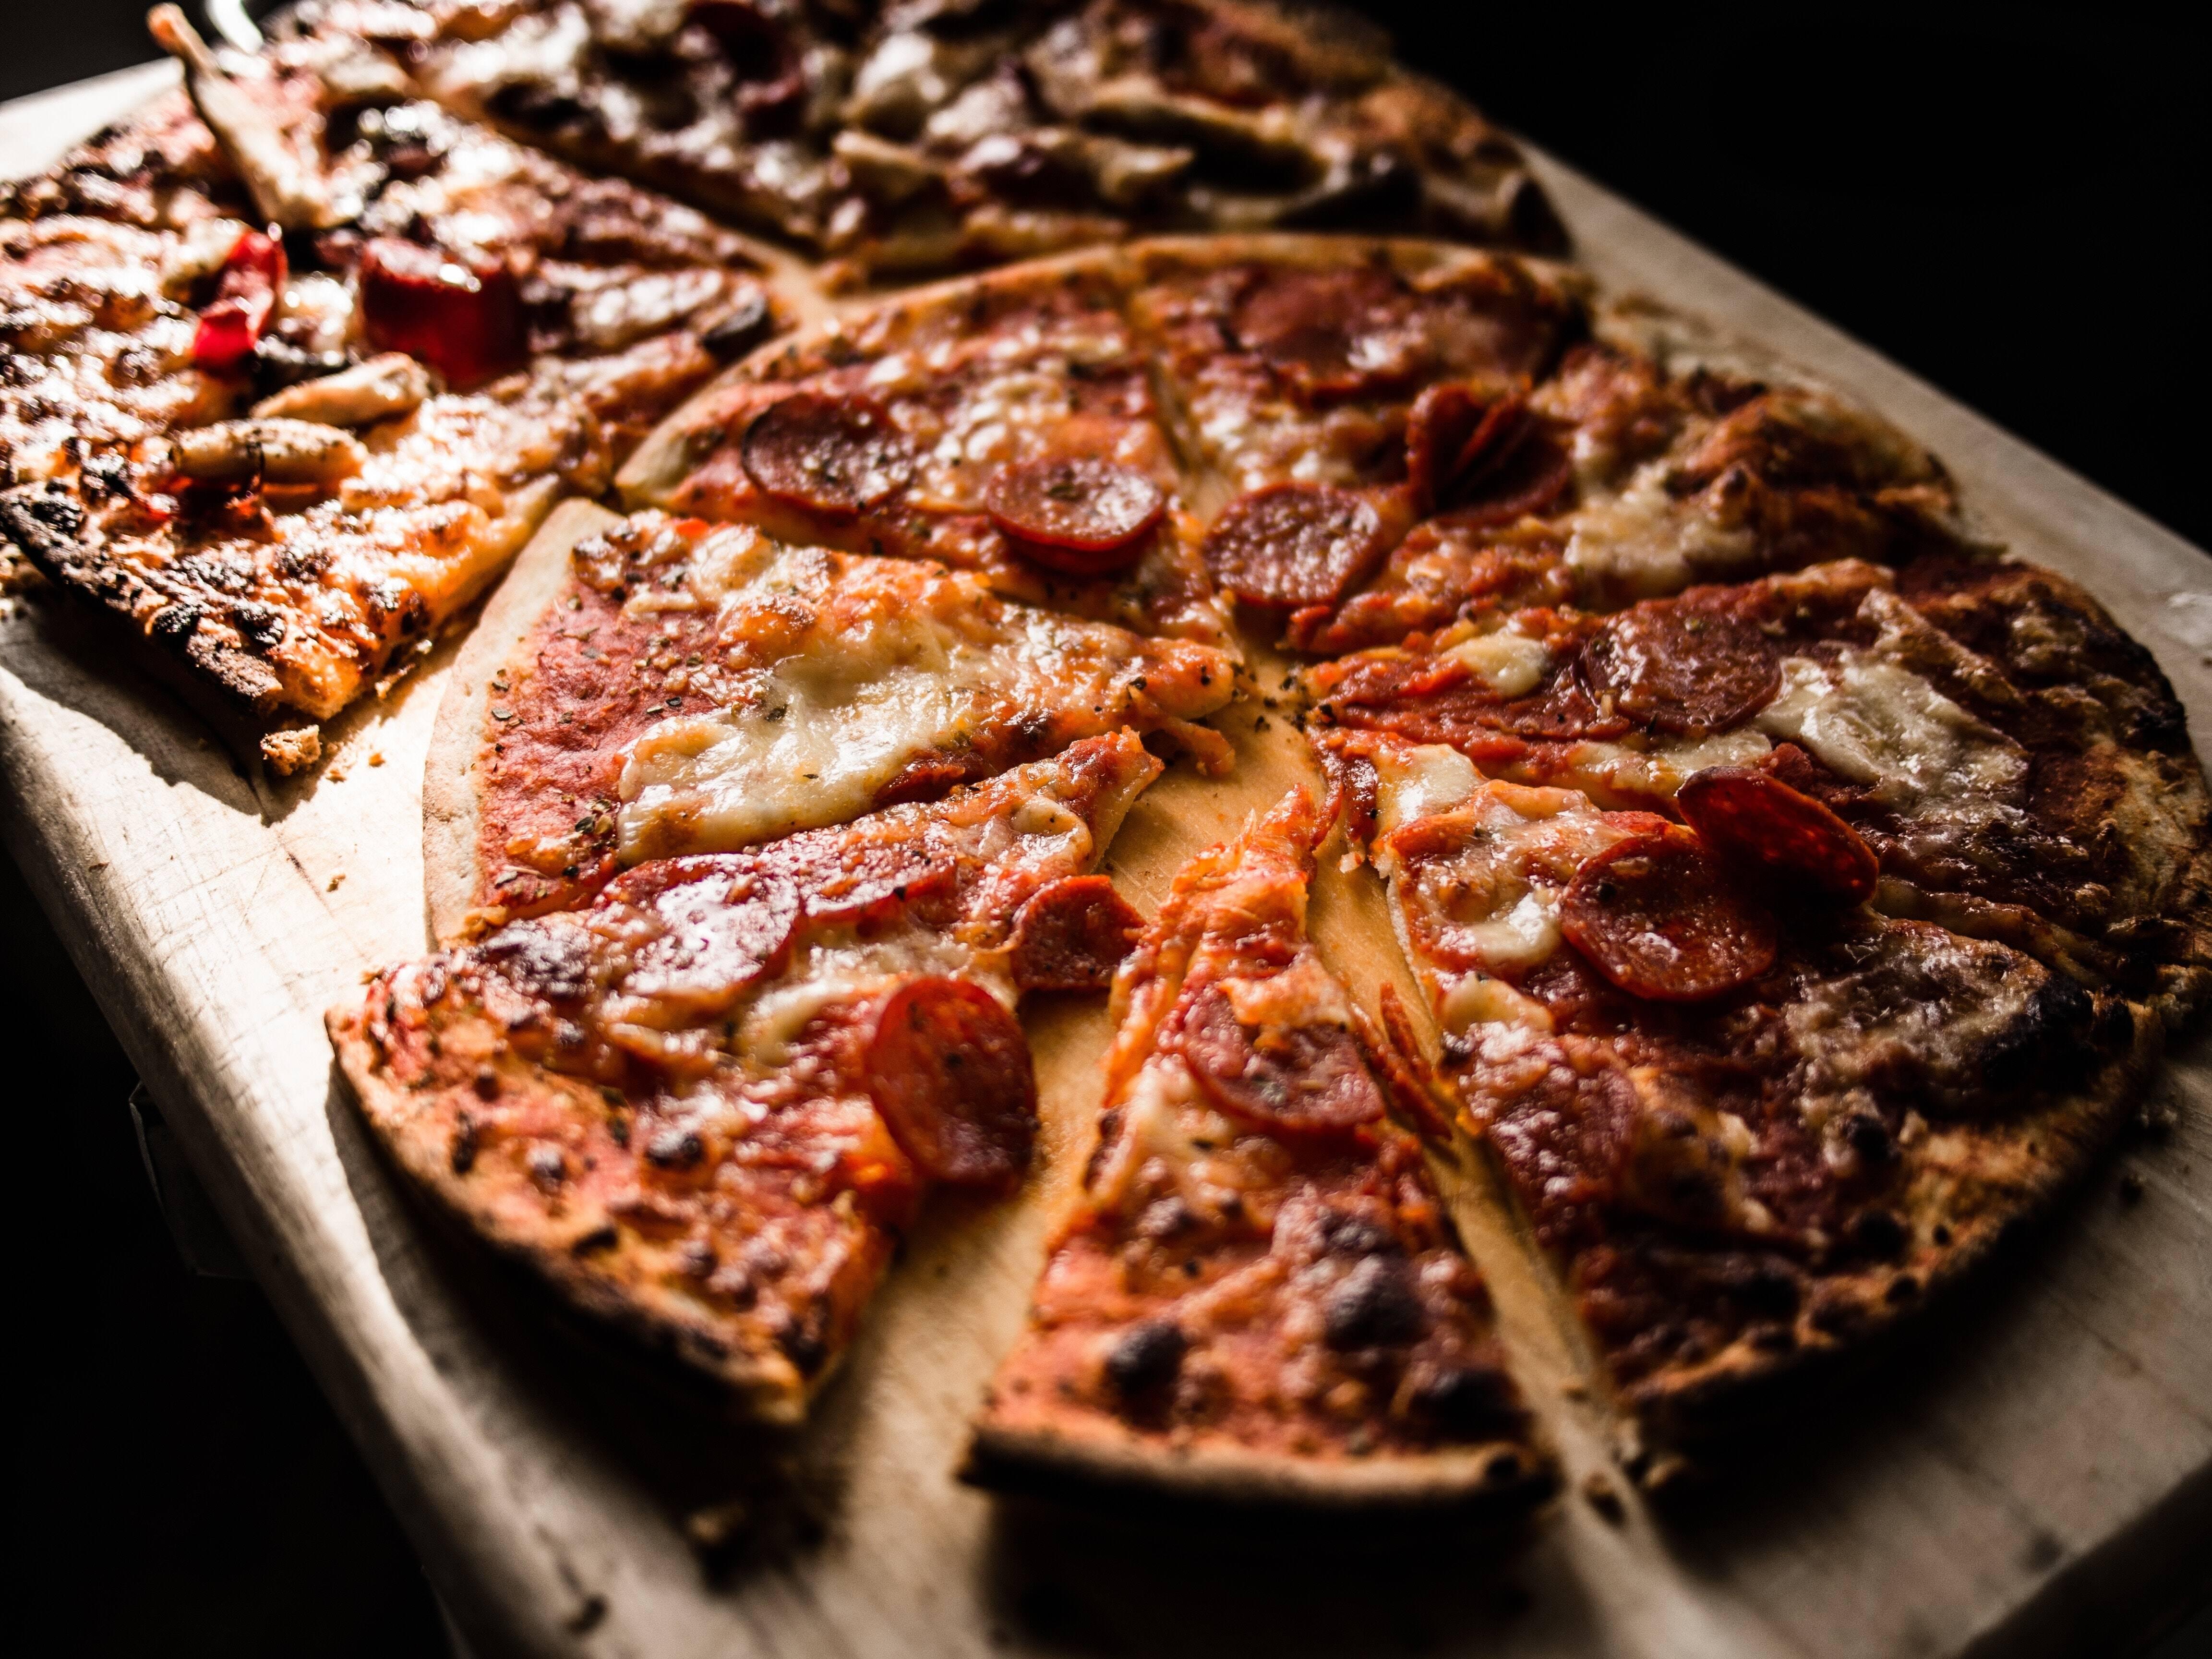 Ingredientes de pizza - Para a missa: 1 colher de chá de fermento instantâneo; 1 colher de chá de fermento em pó; 2 colheres de sopa de água morna; 1 xícara de farinha de amêndoa; 1 xícara de queijo mozzarella ralado parcialmente desnatado e com baixo teor de umidade (mais uma xícara extra para cobrir a pizza); 30 ml de cream cheese gordo; 1 ovo grande, ligeiramente batido e Azeite para as mãos. (Foto: Pexels)